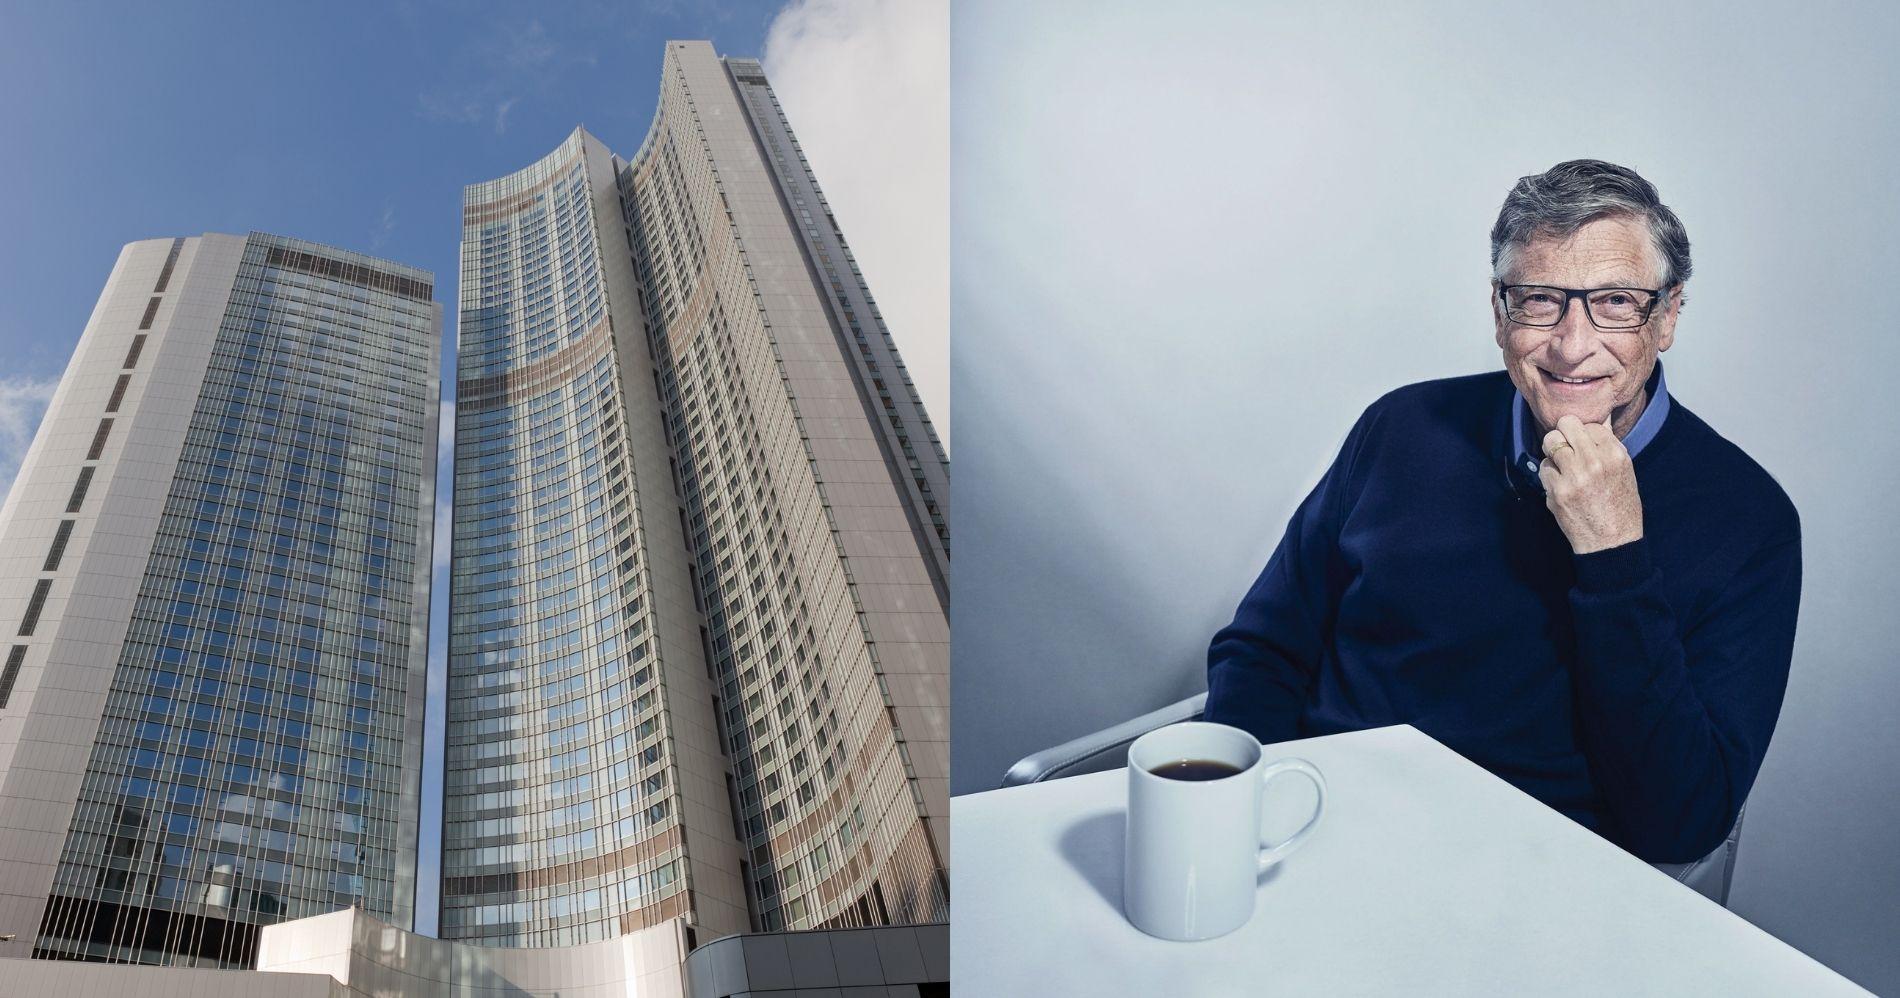 Perusahaan Bill Gates Tambah Kepemilikan Four Seasons Hotel Illustration Web Bisnis Muda - Image: Canva - Pinterest